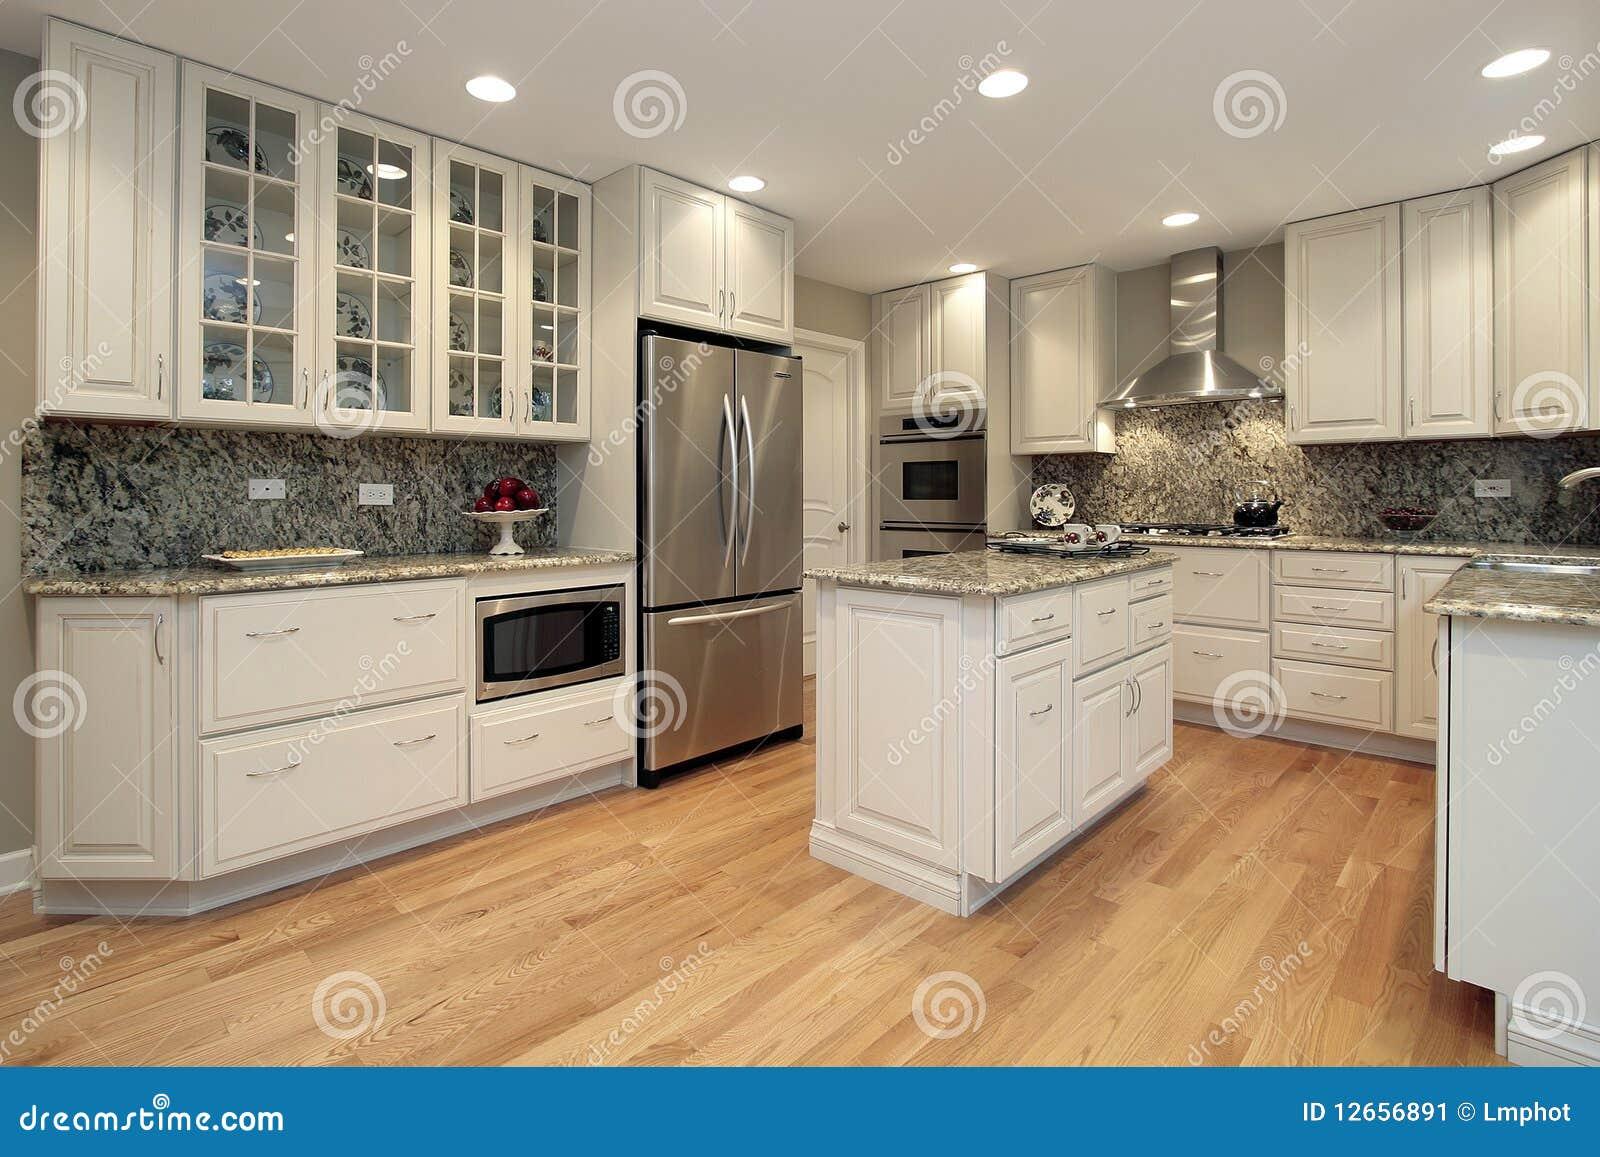 Cucina Con Cabinetry Di Colore Chiaro Immagine Stock - Immagine di ...